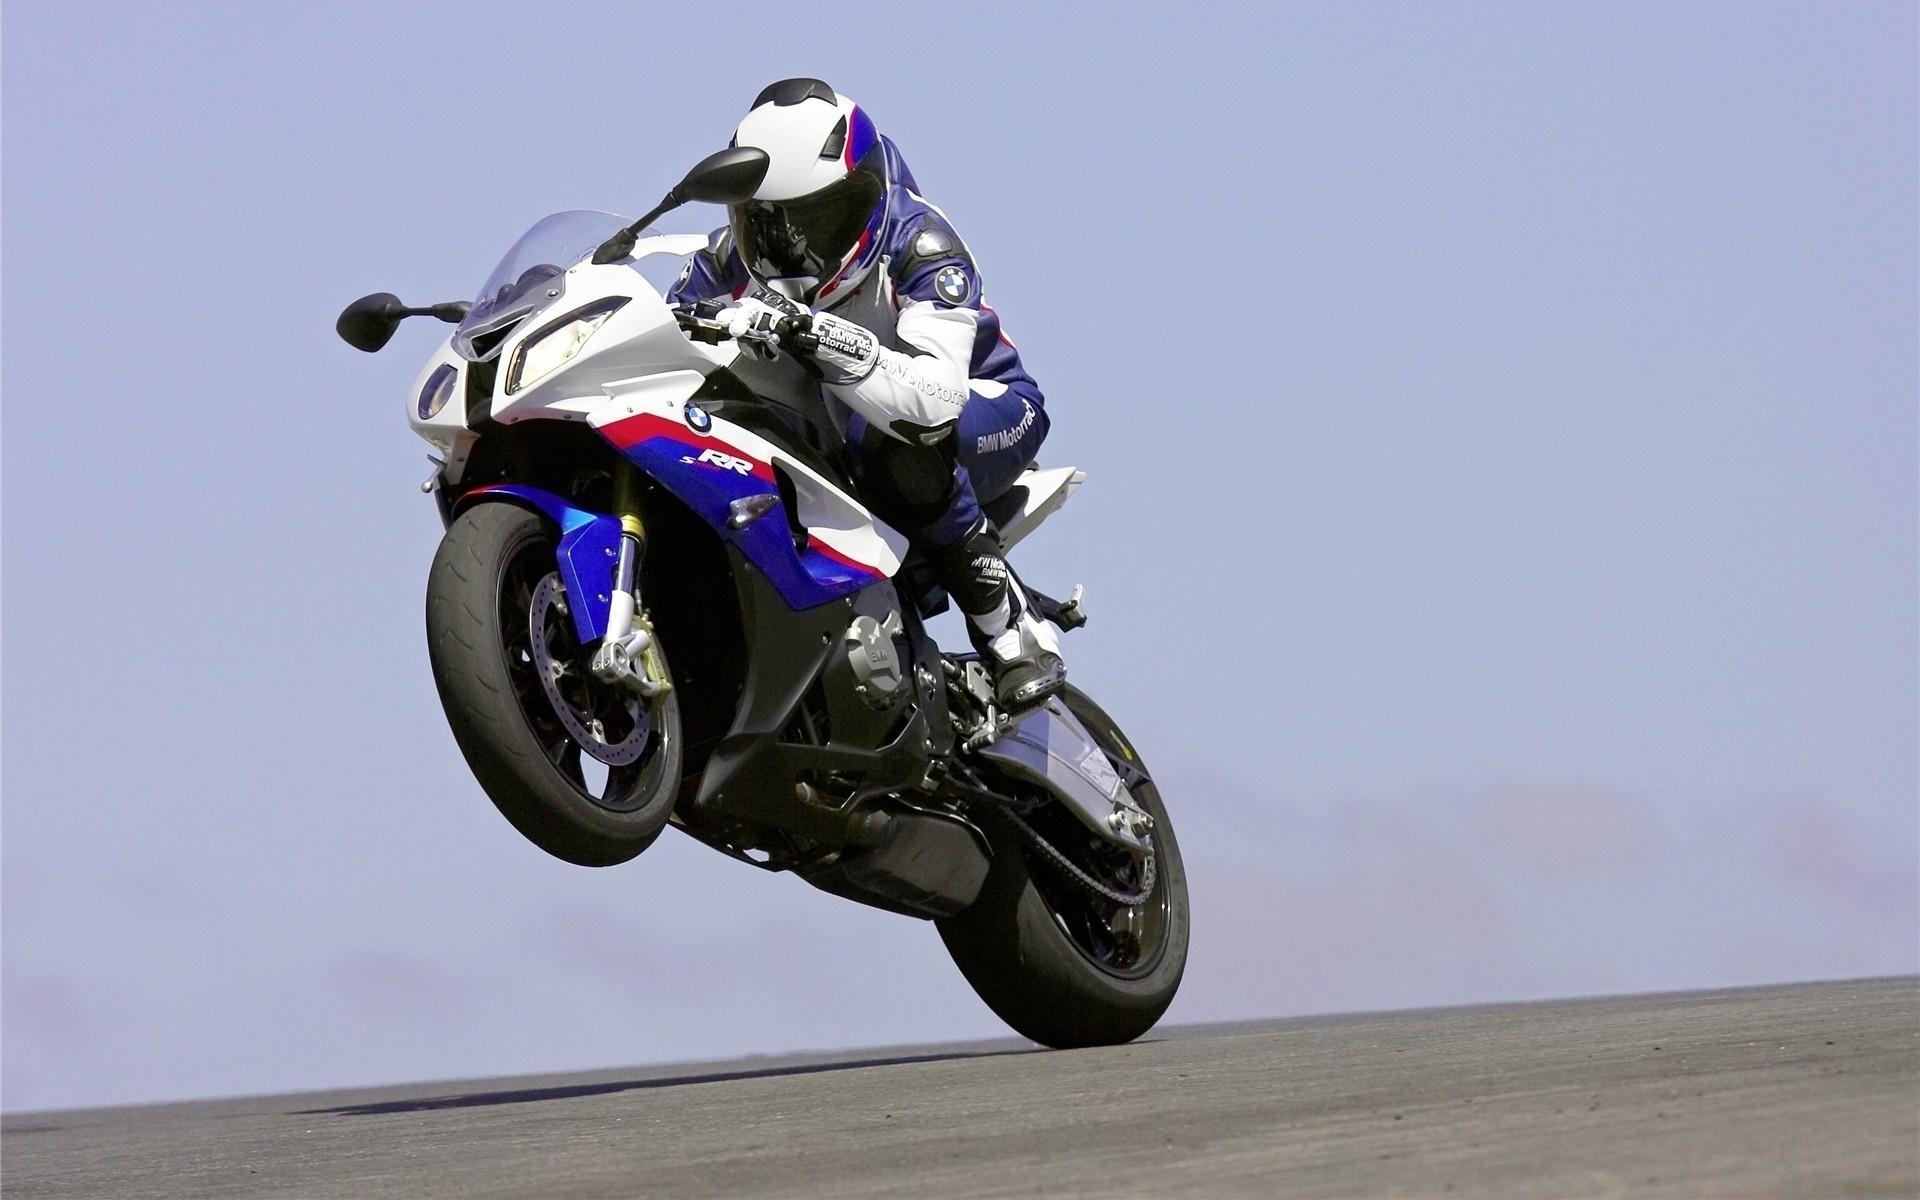 Скачать картинку Мотоциклы, Транспорт в телефон бесплатно.